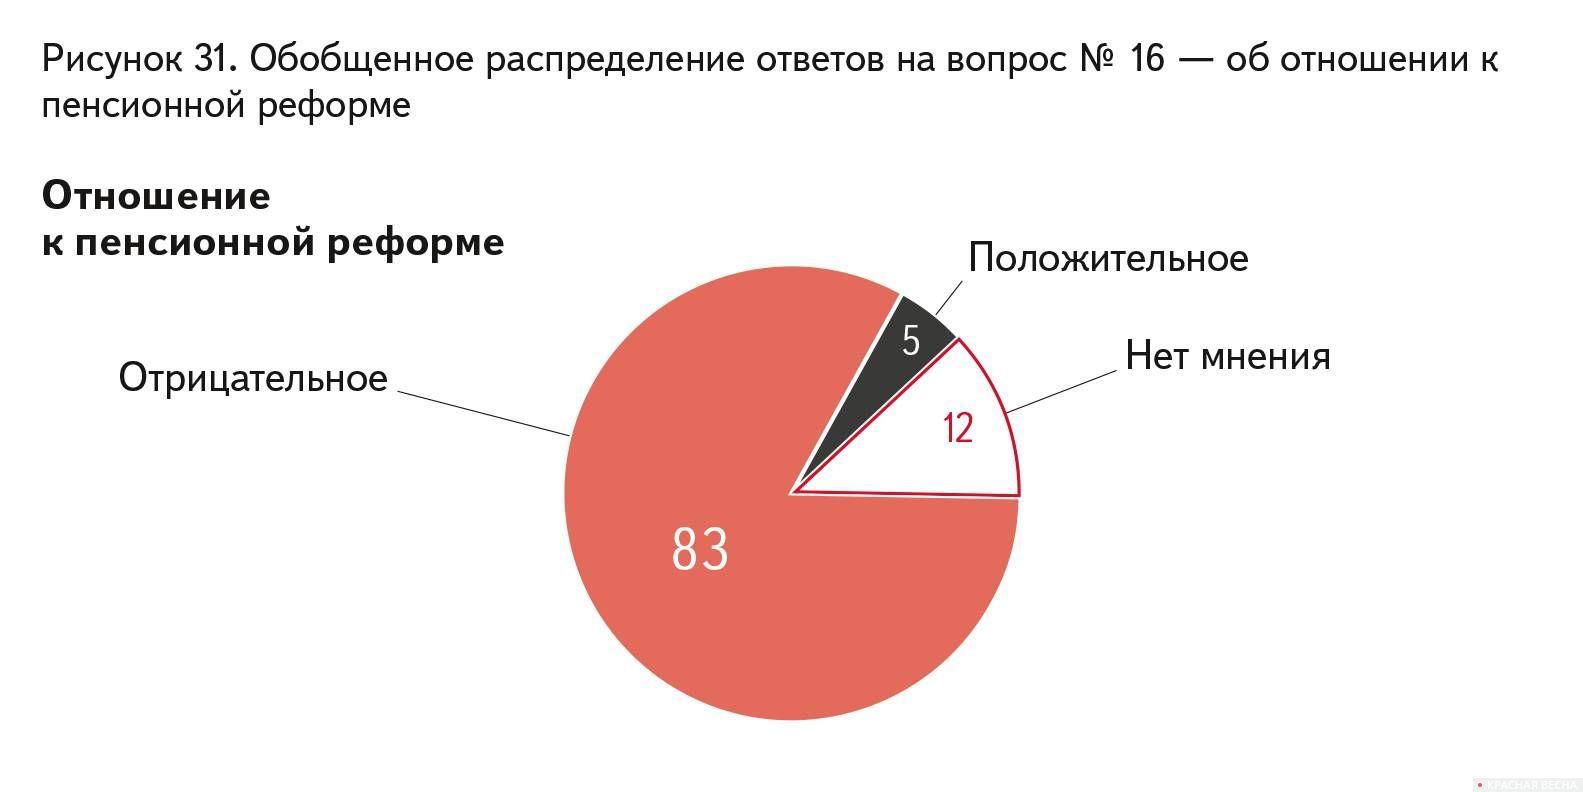 Отношение граждан России к пенсионной реформе